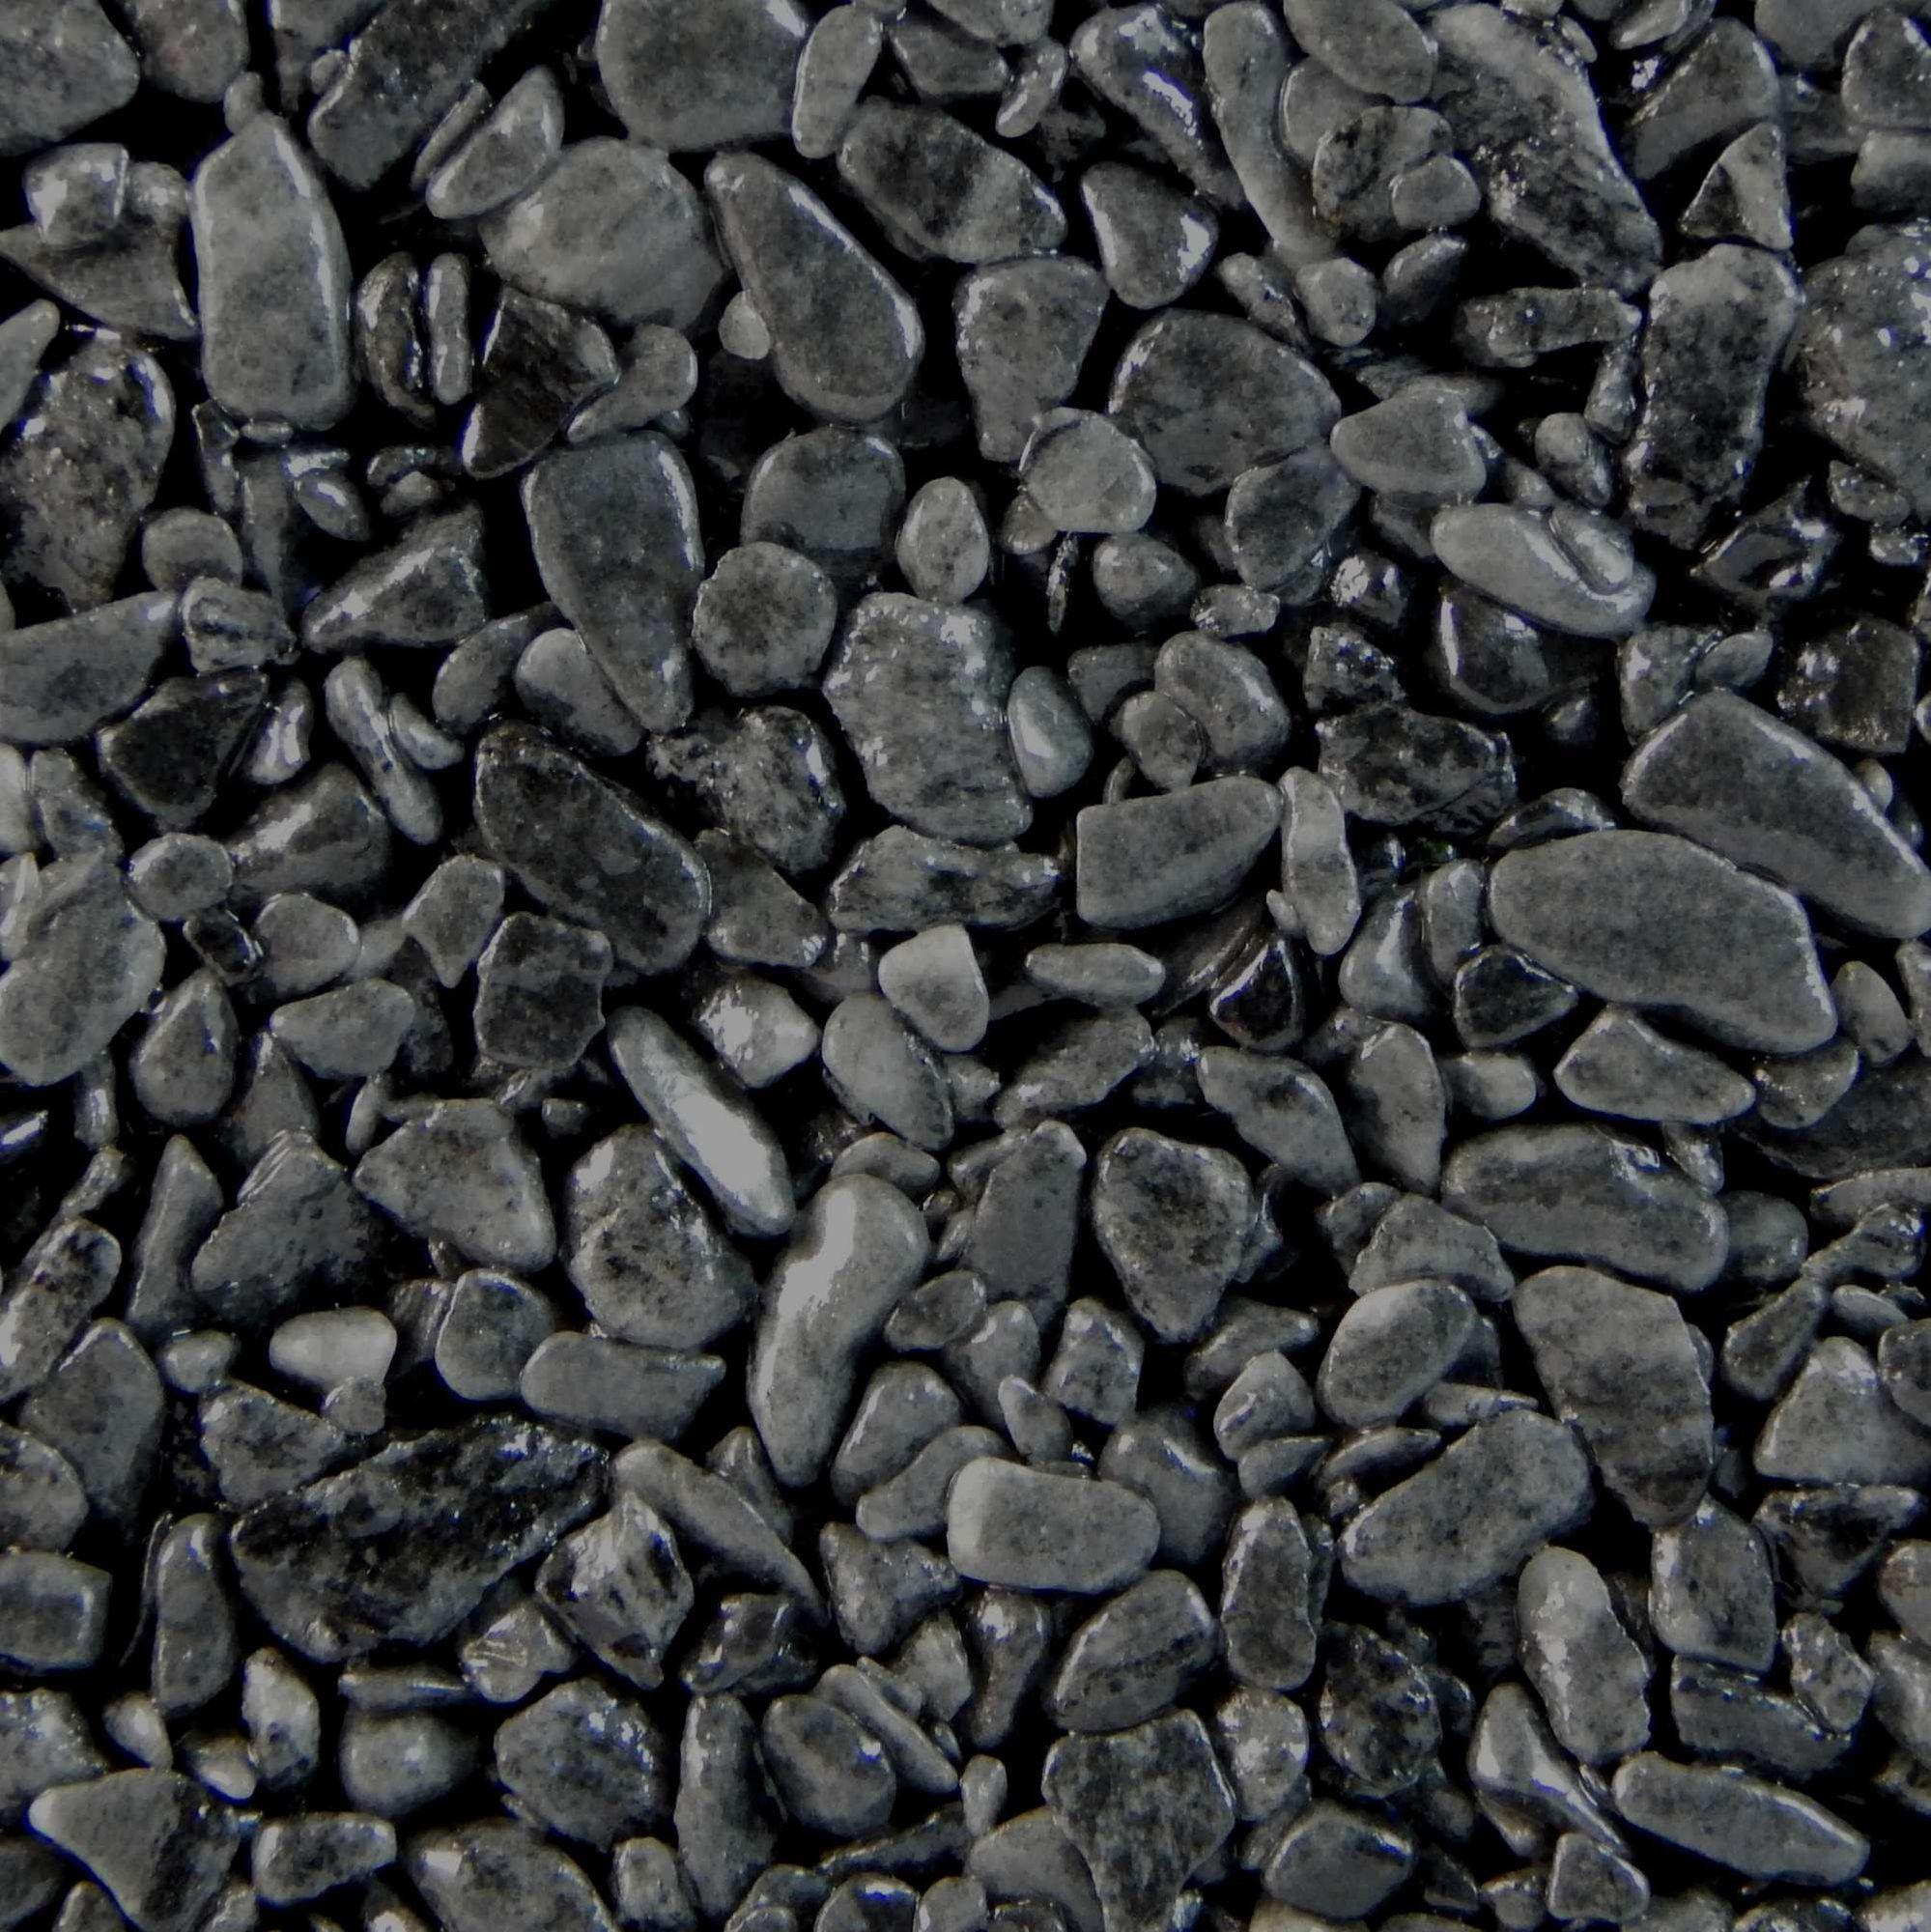 Terralith Marmor Steinteppich Contrasto Due Fein Fur 1 Qm Steinteppich Outdoor Kornung Fein 2 4 Mm 1 Qm Gebinde Buntsteinputz Steine Mortel